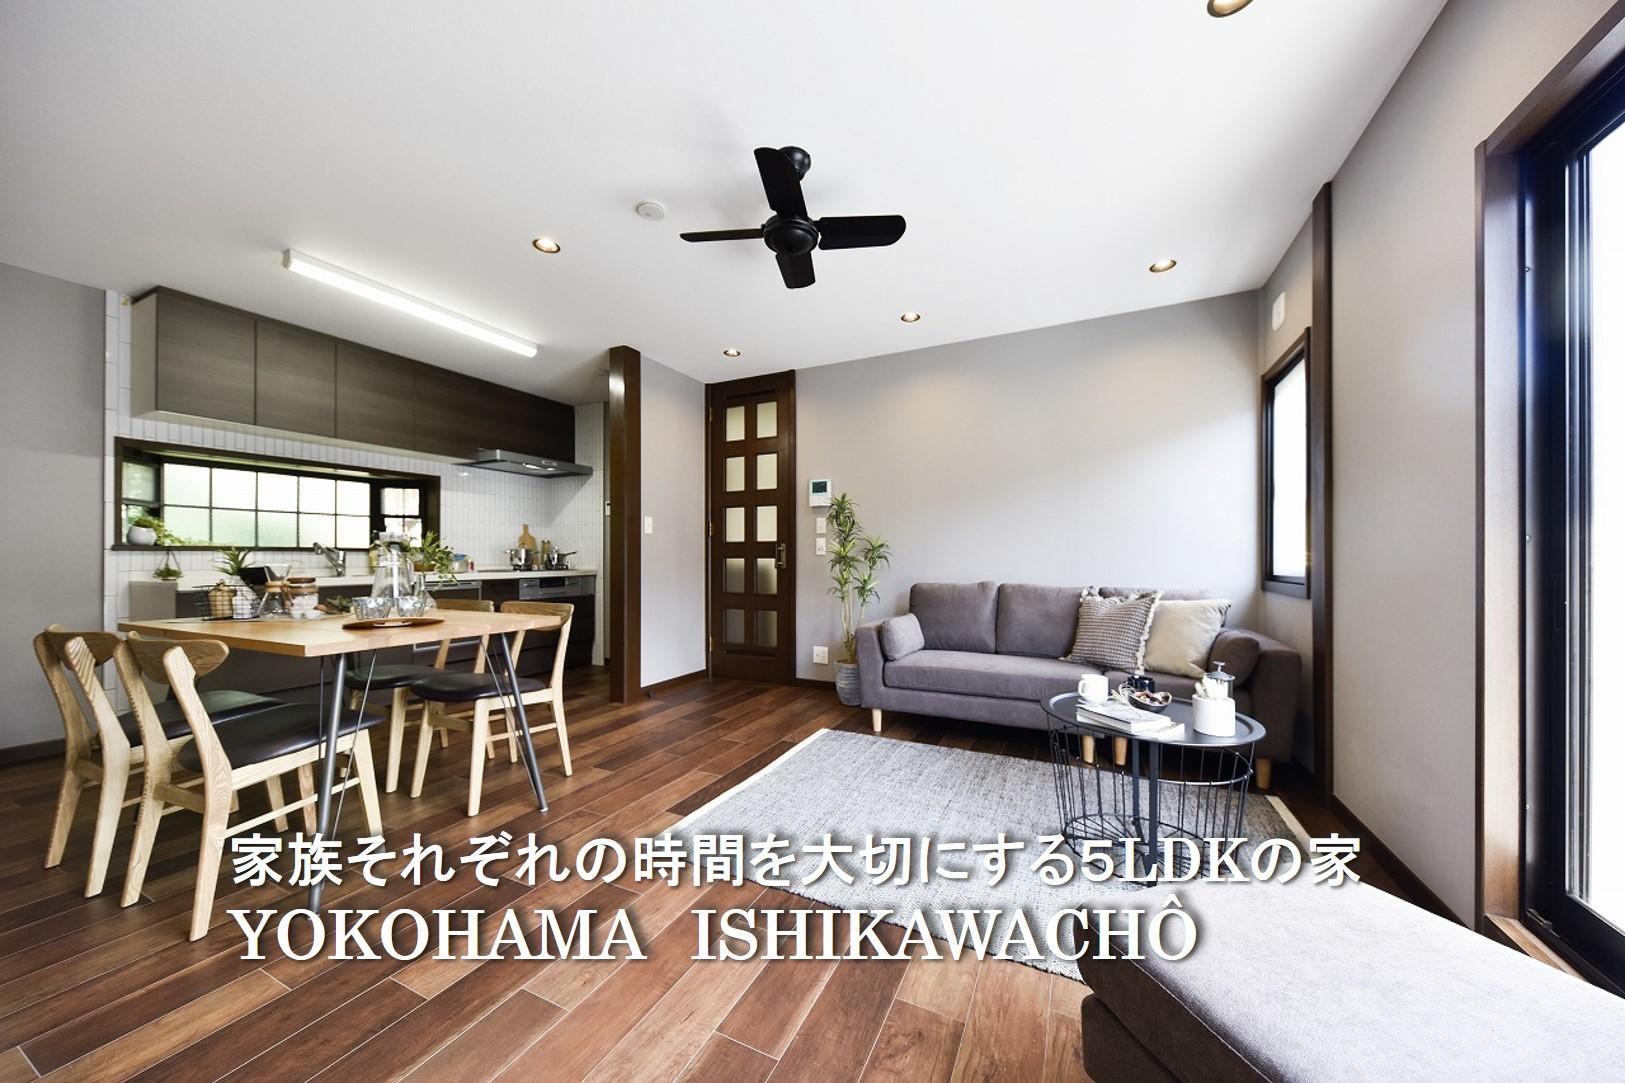 家族それぞれの時間を大切にする5LDKの家 YOKOHAMA ISHIKAWACHÔ